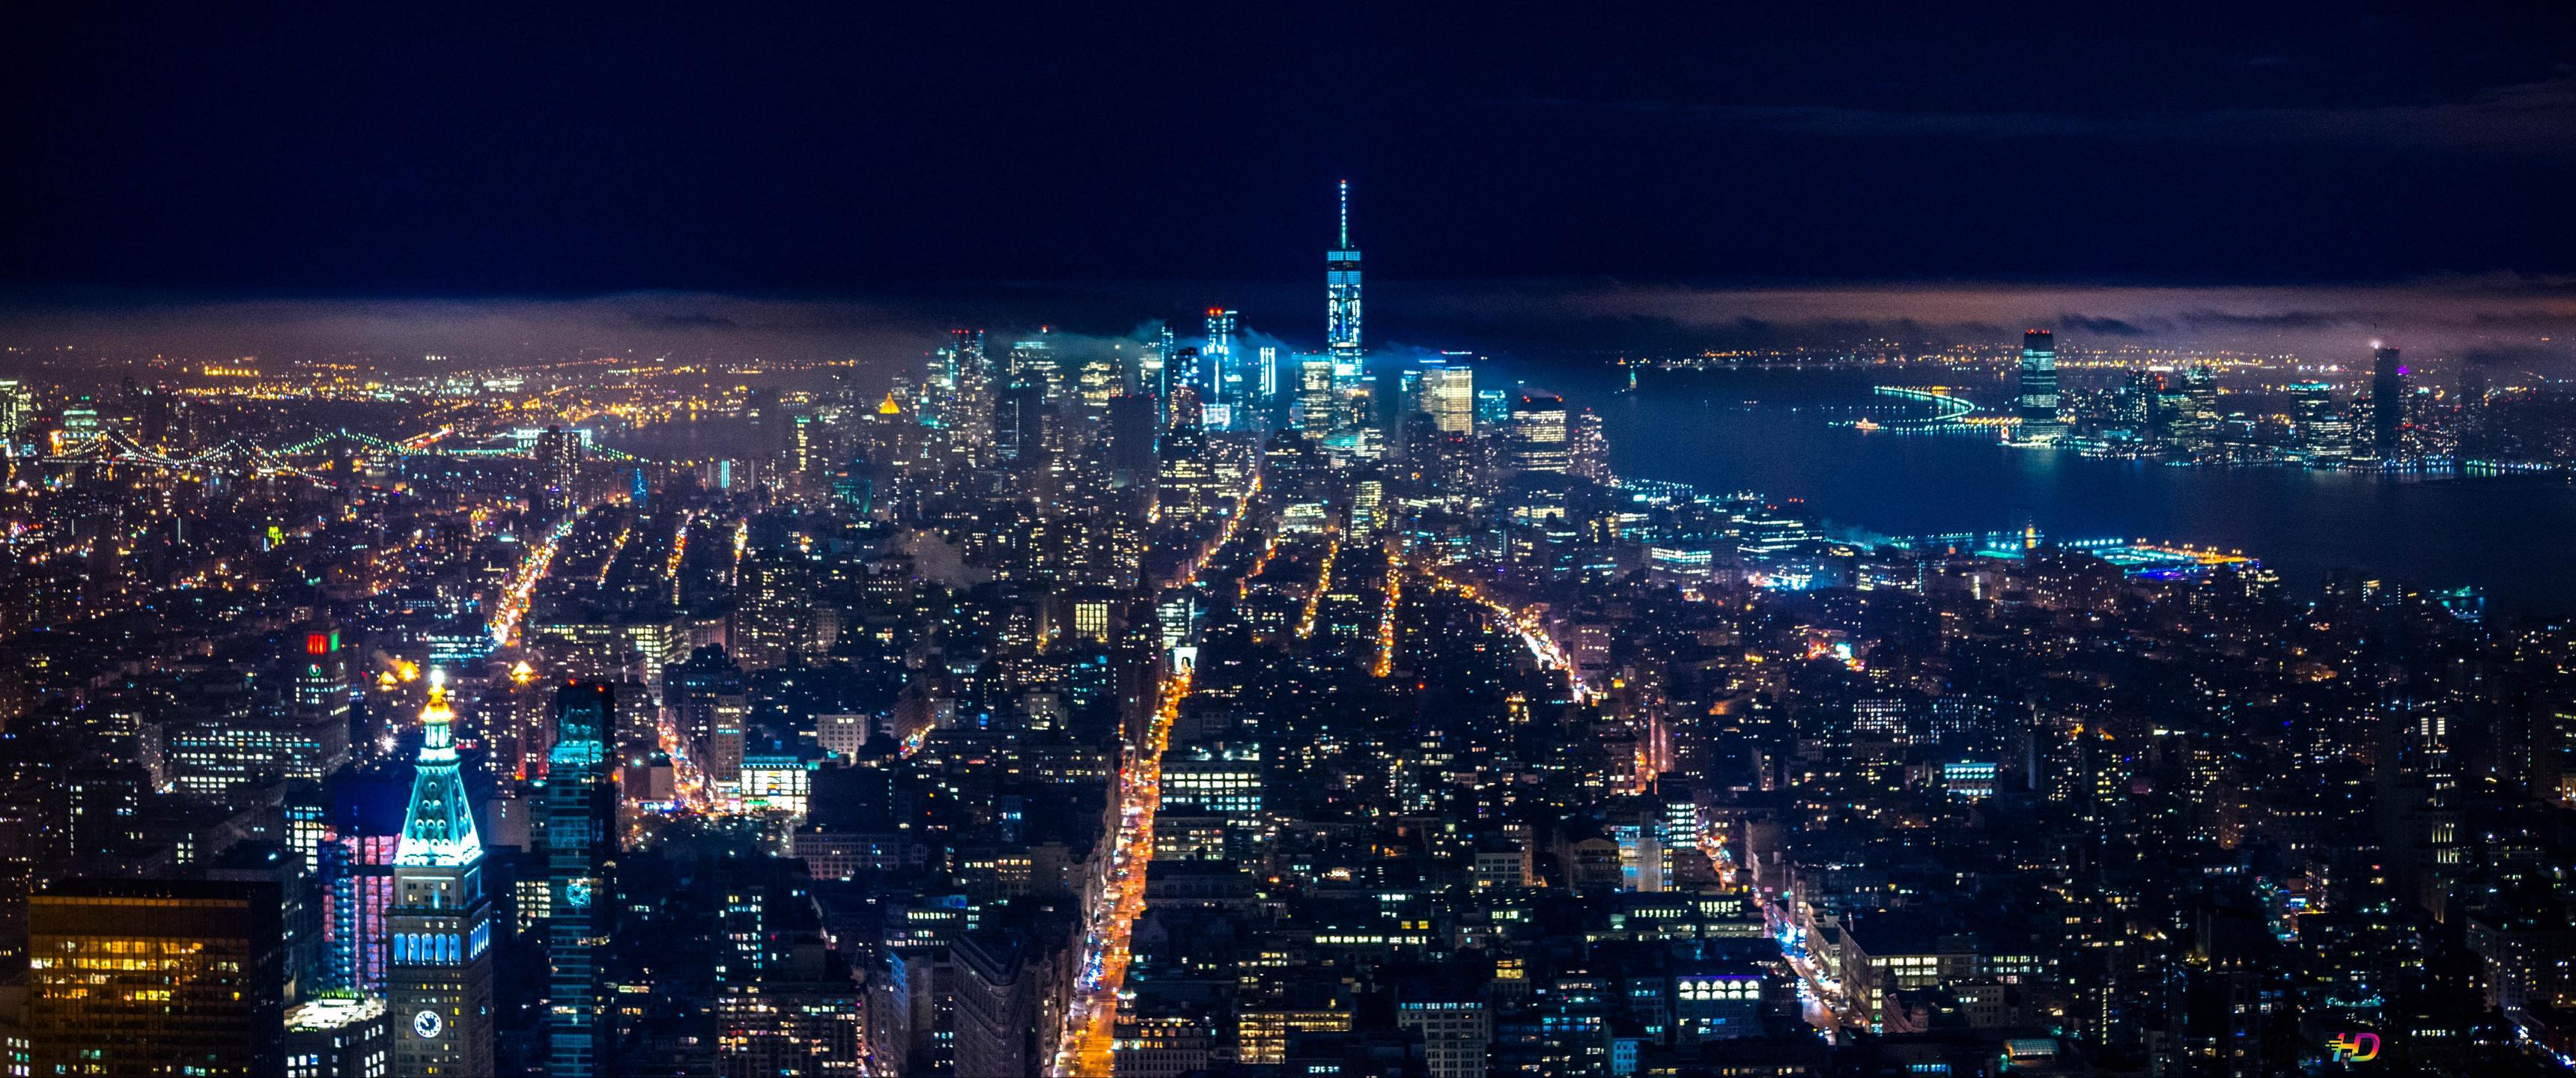 夜に街の美しい景色 Hd壁紙のダウンロード